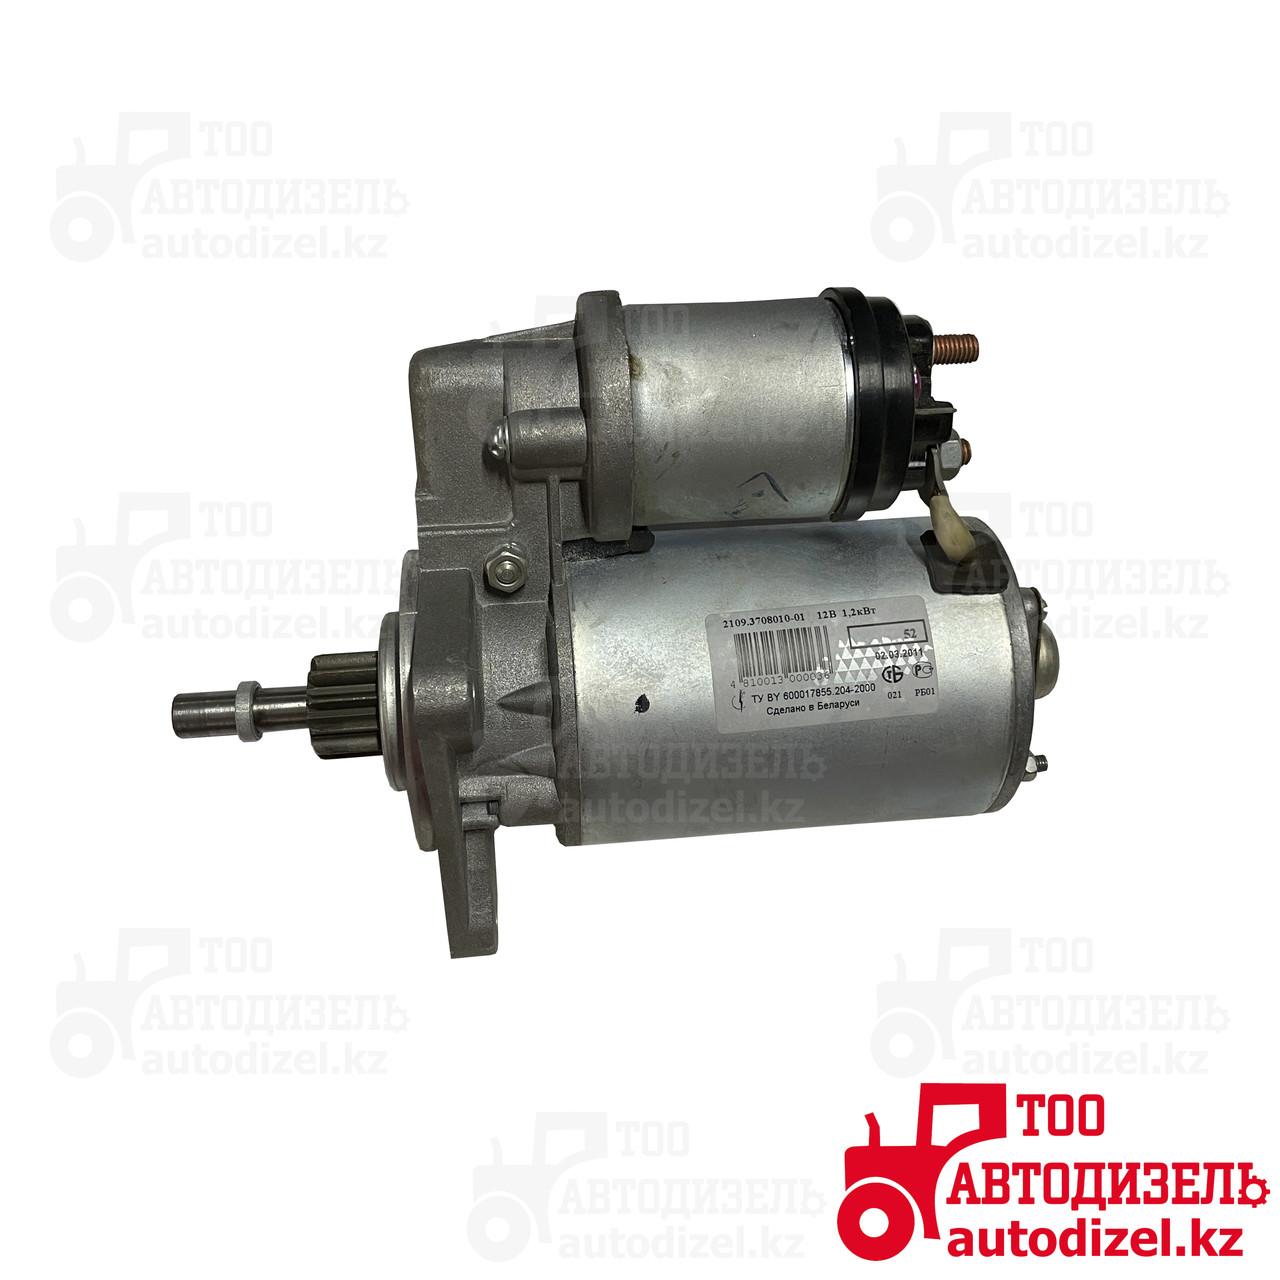 Стартер ВАЗ 2109.3708010-01 (БАТЭ) ВАЗ 2108-2109 и их модификаци (двигатели с ЭСУД)